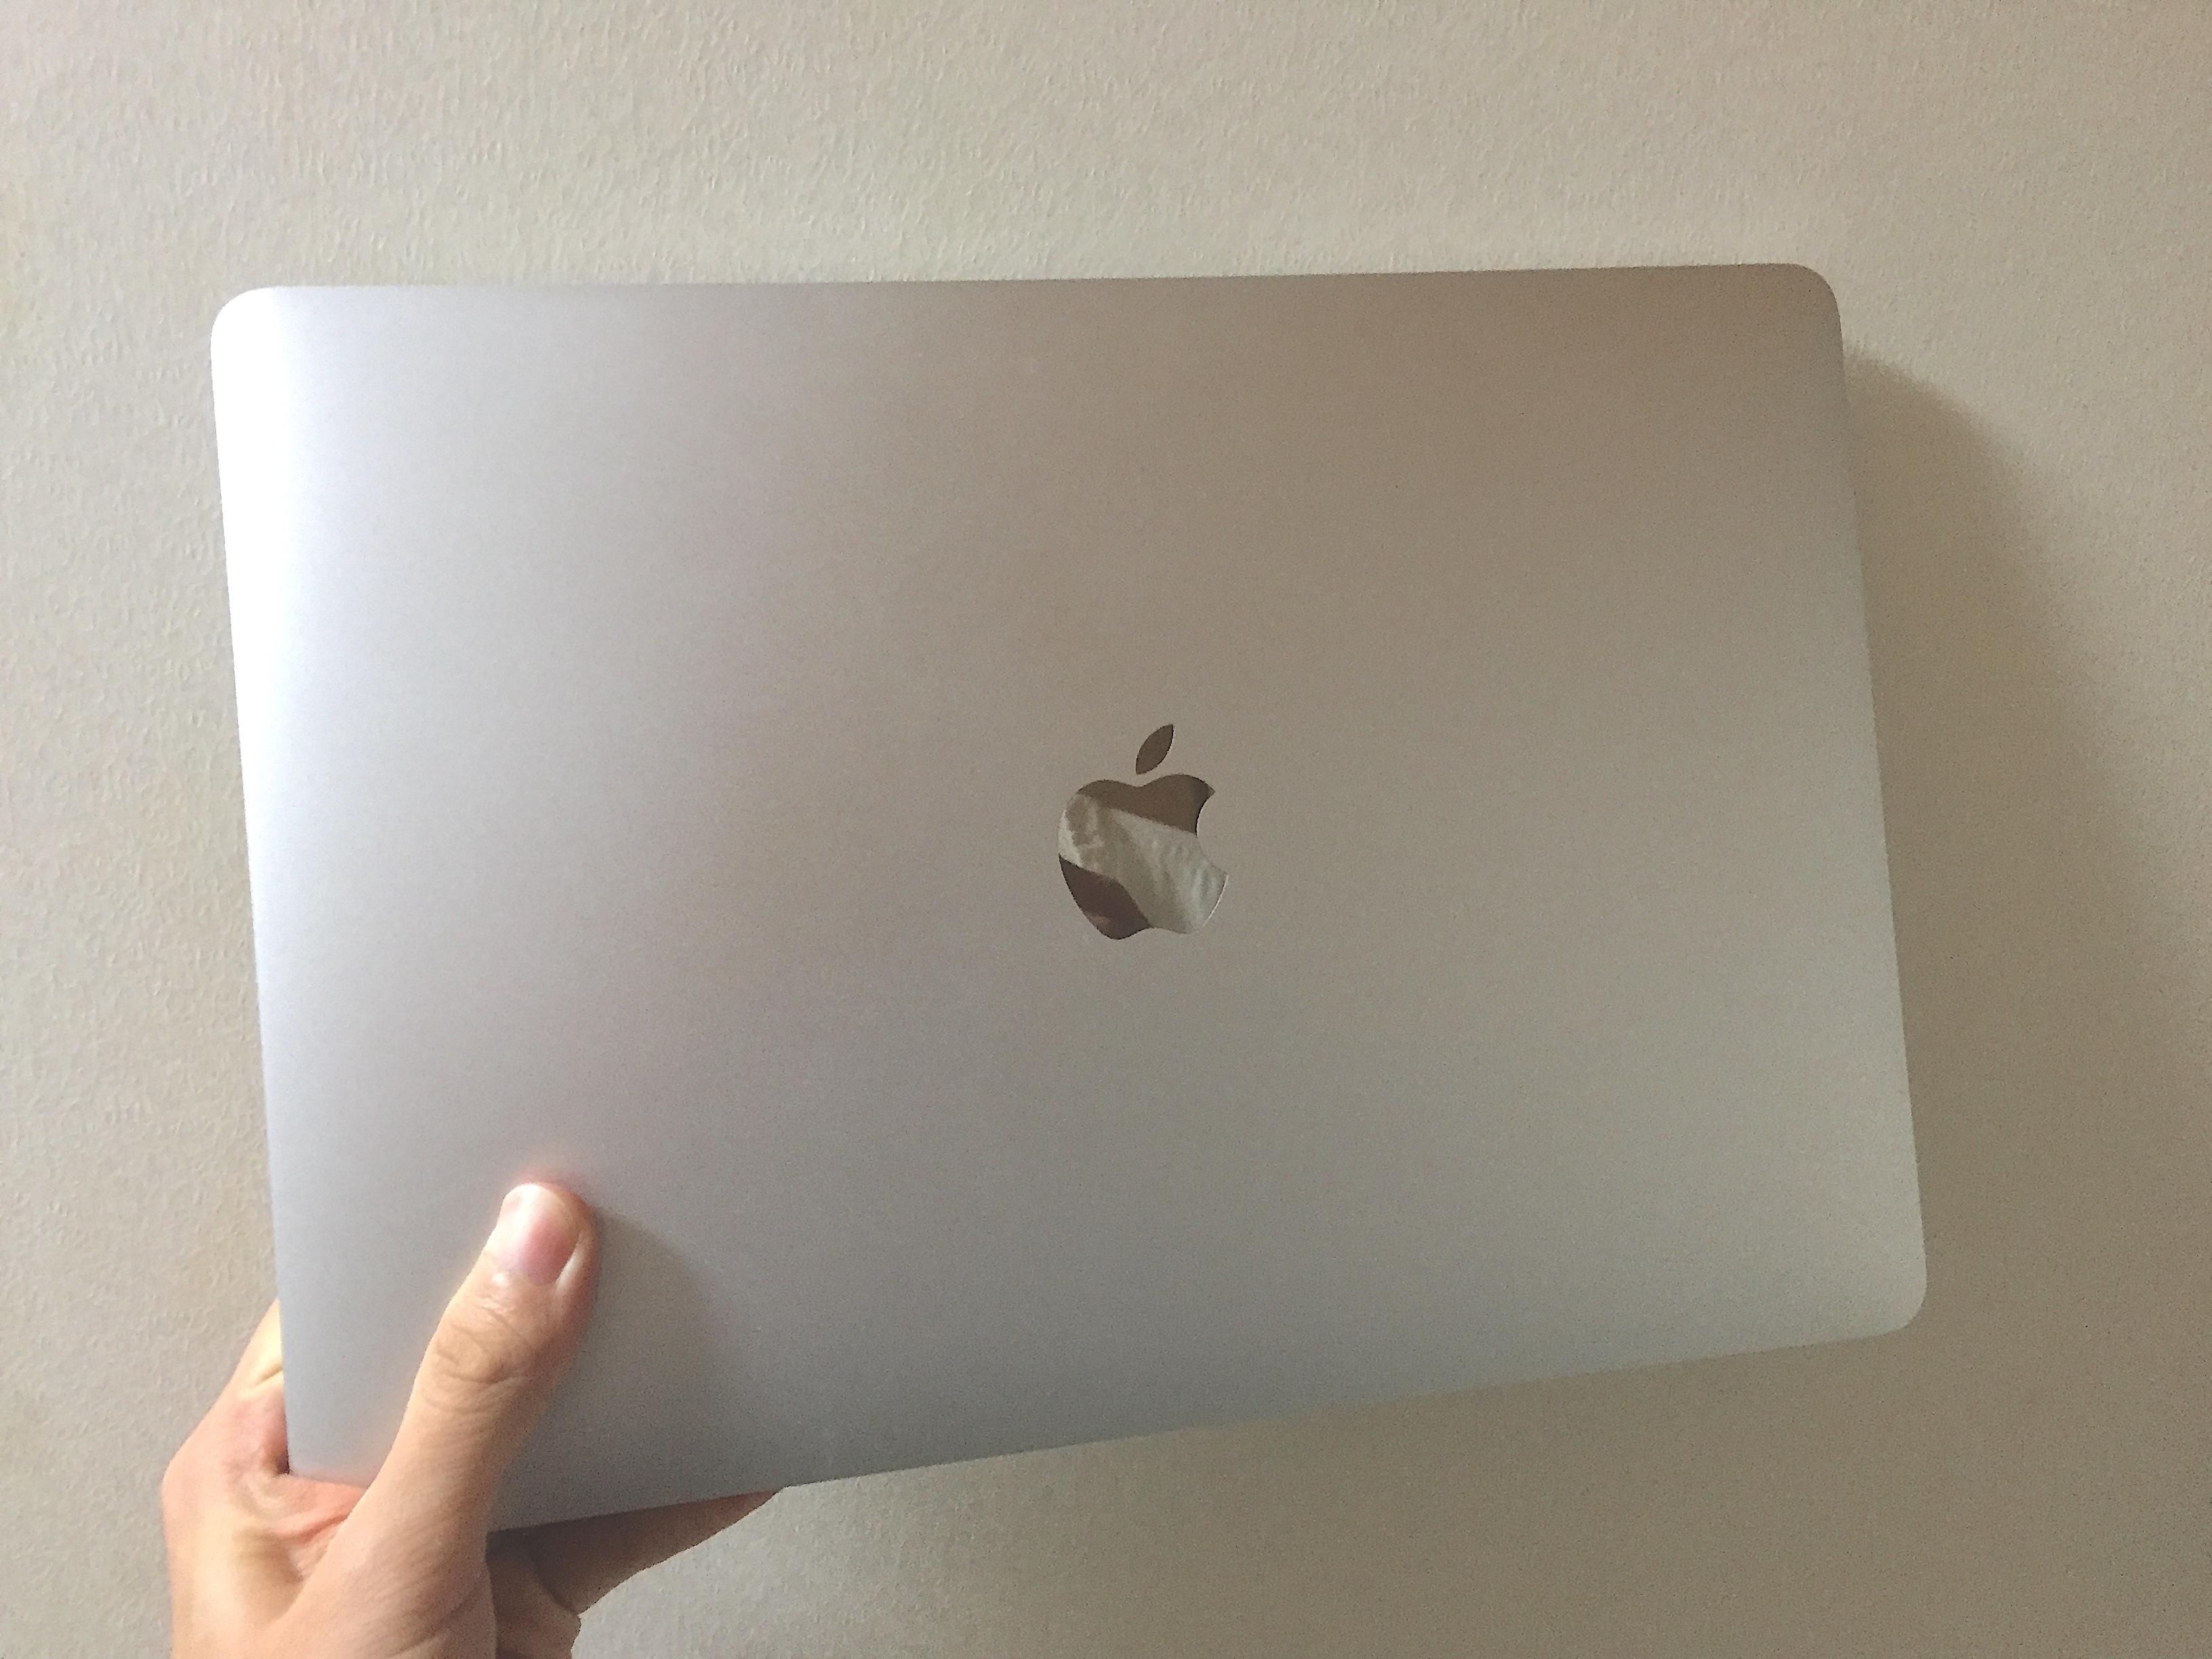 ミニマリストのMacBook